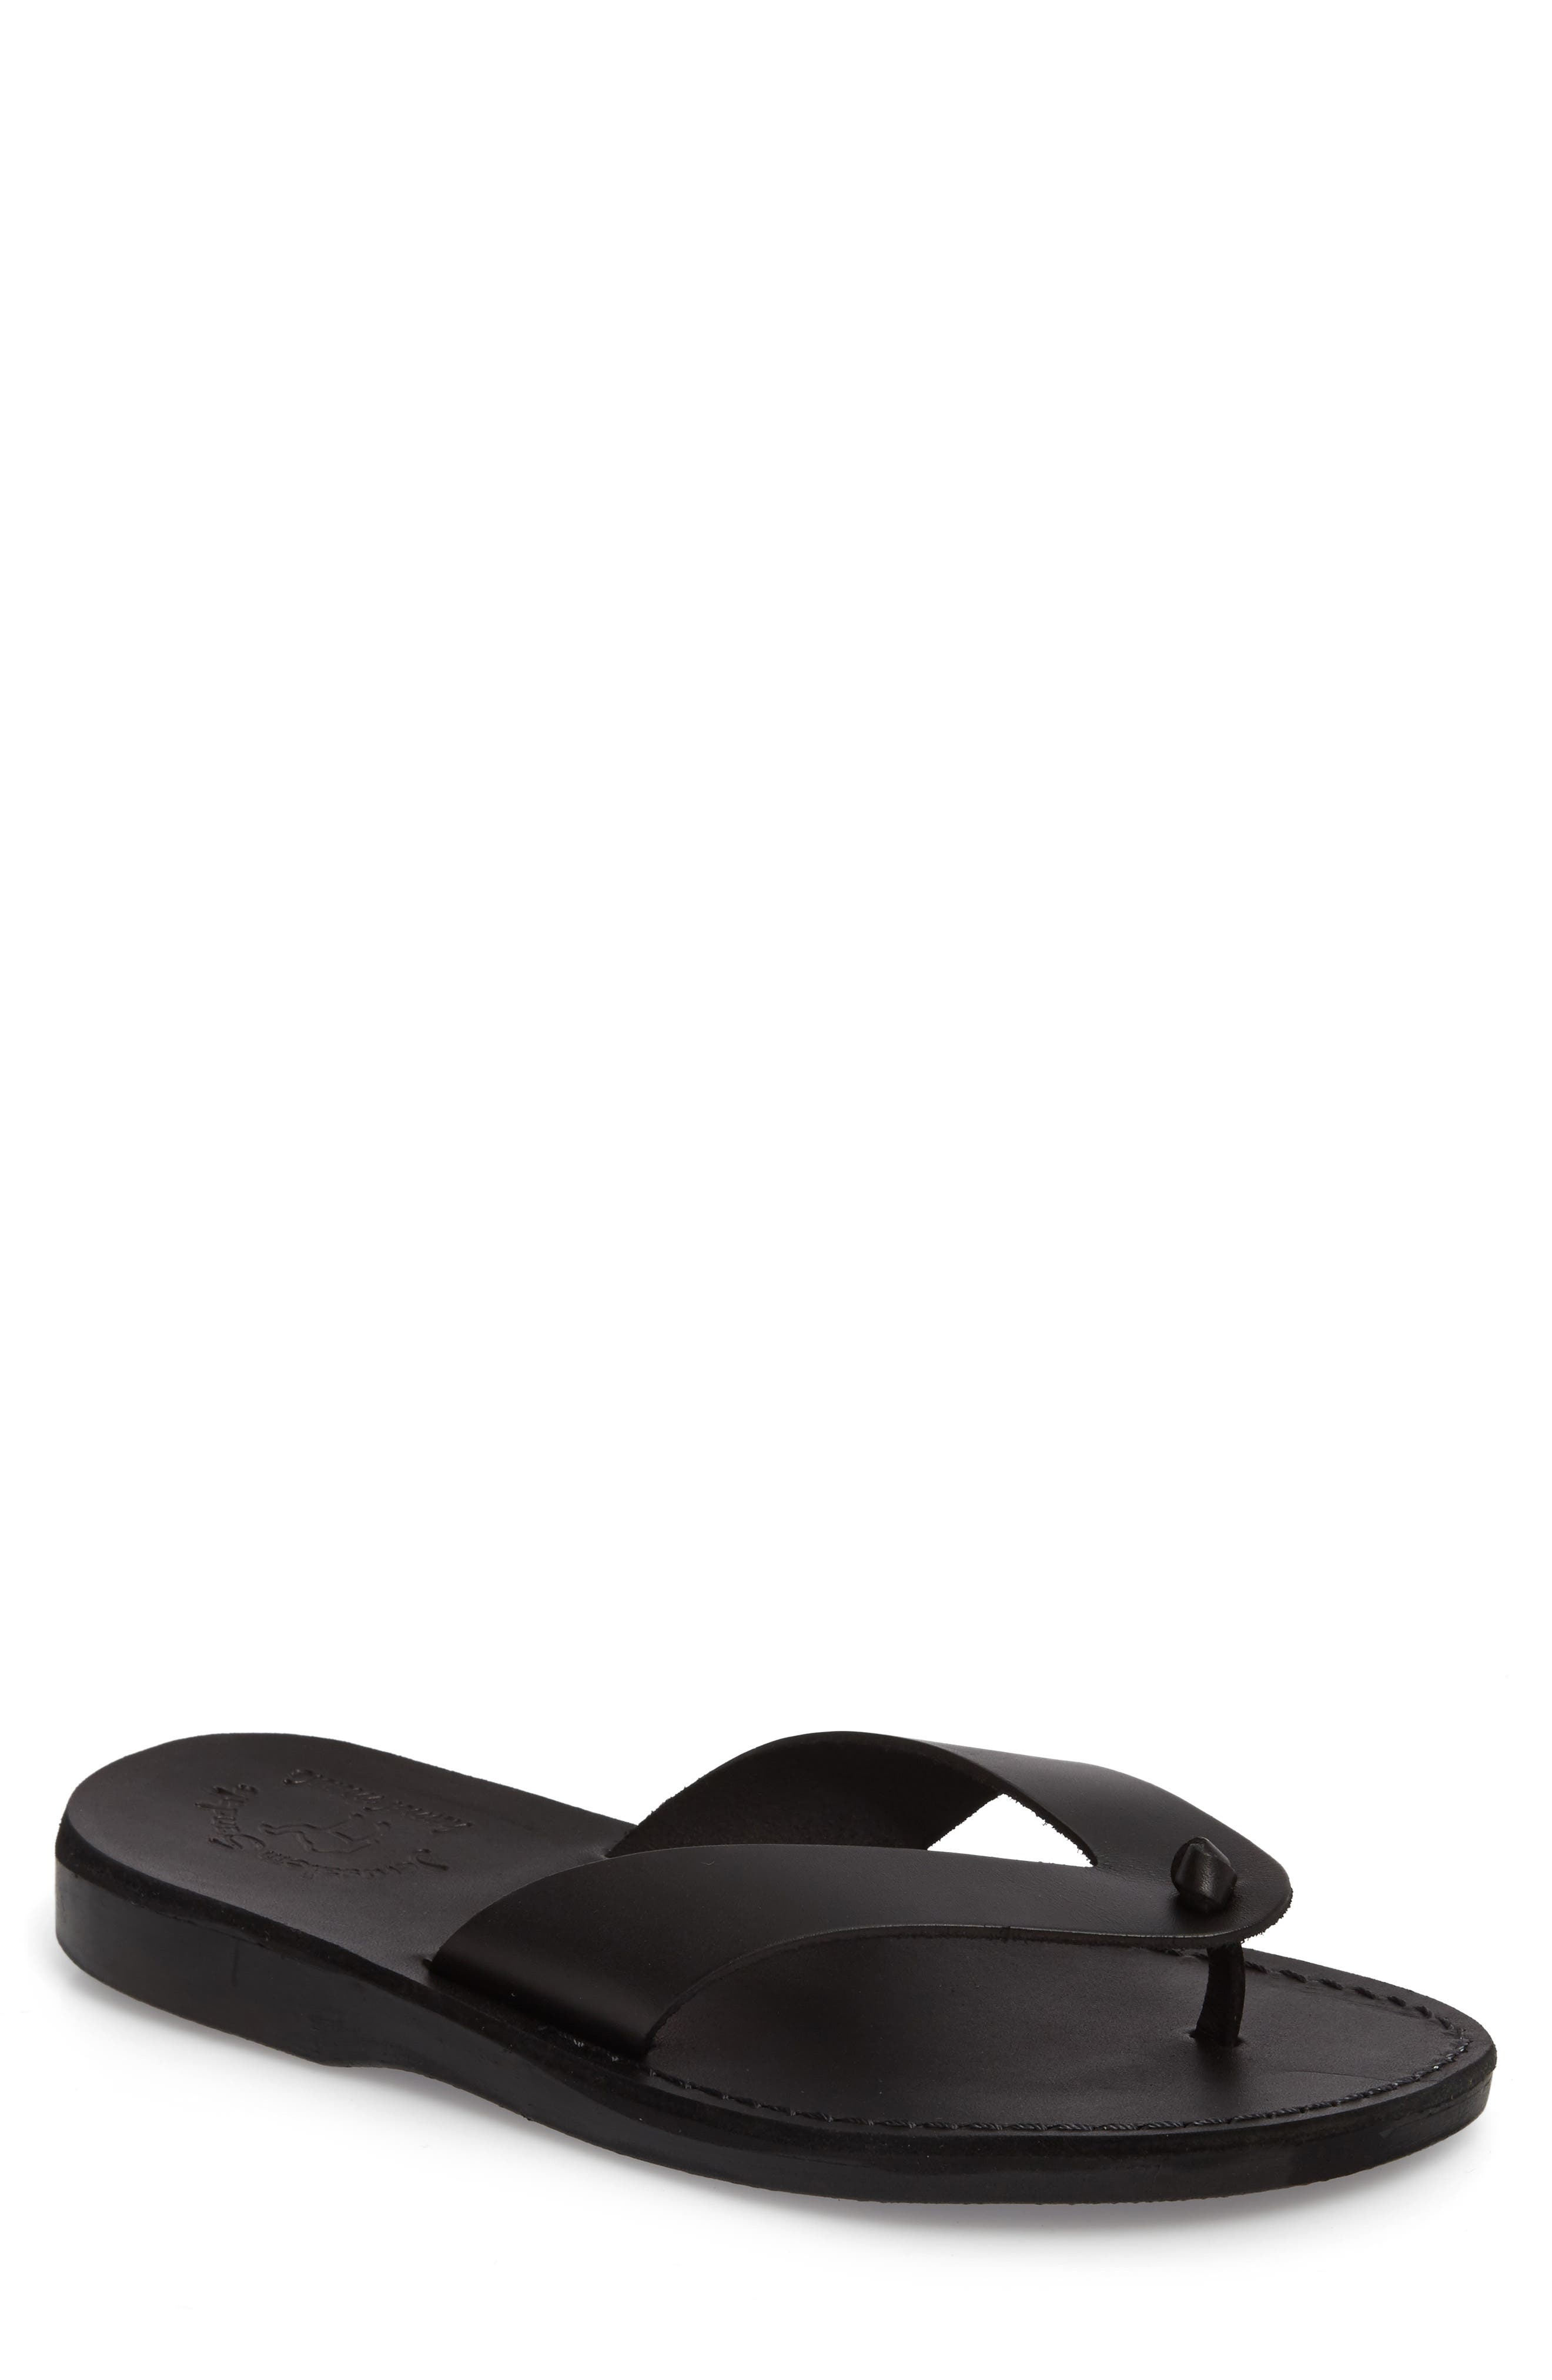 Solomon Flip Flop,                         Main,                         color, Black Leather